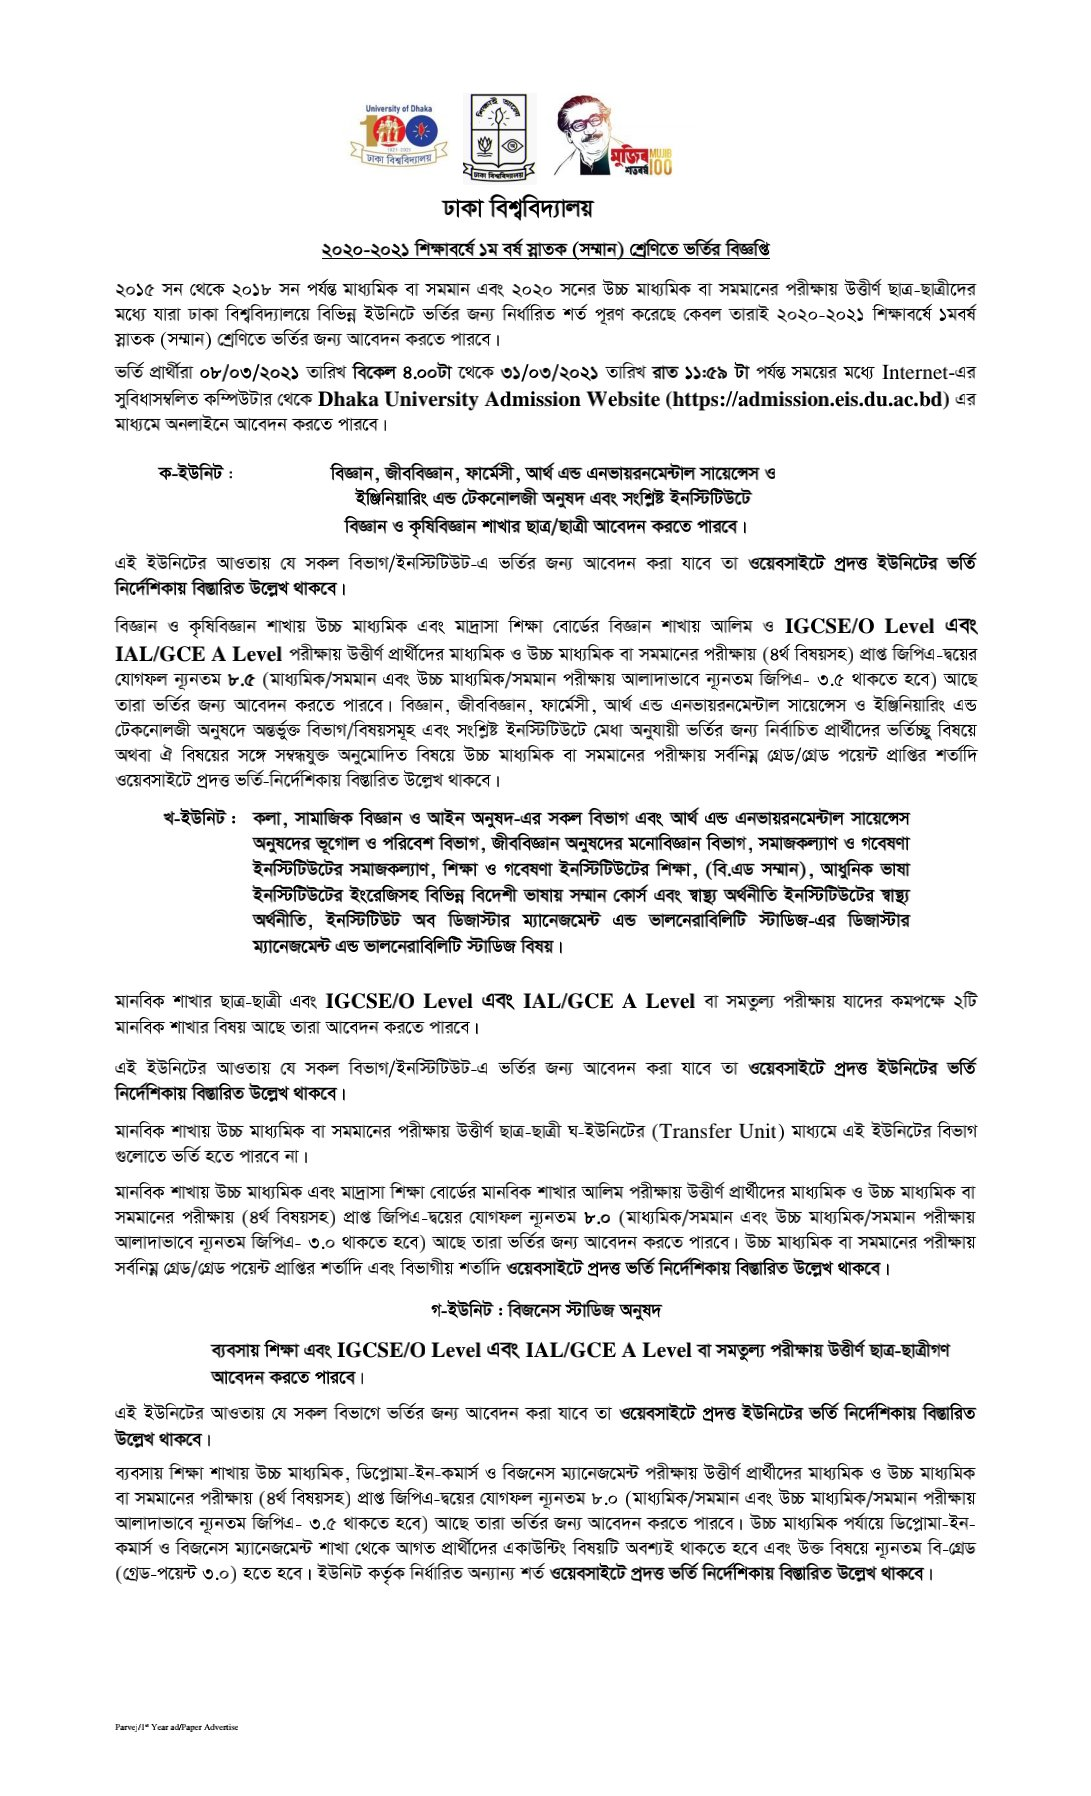 ঢাকা বিশ্ববিদ্যালয় ভর্তি বিজ্ঞপ্তি ২০২০-২০২১